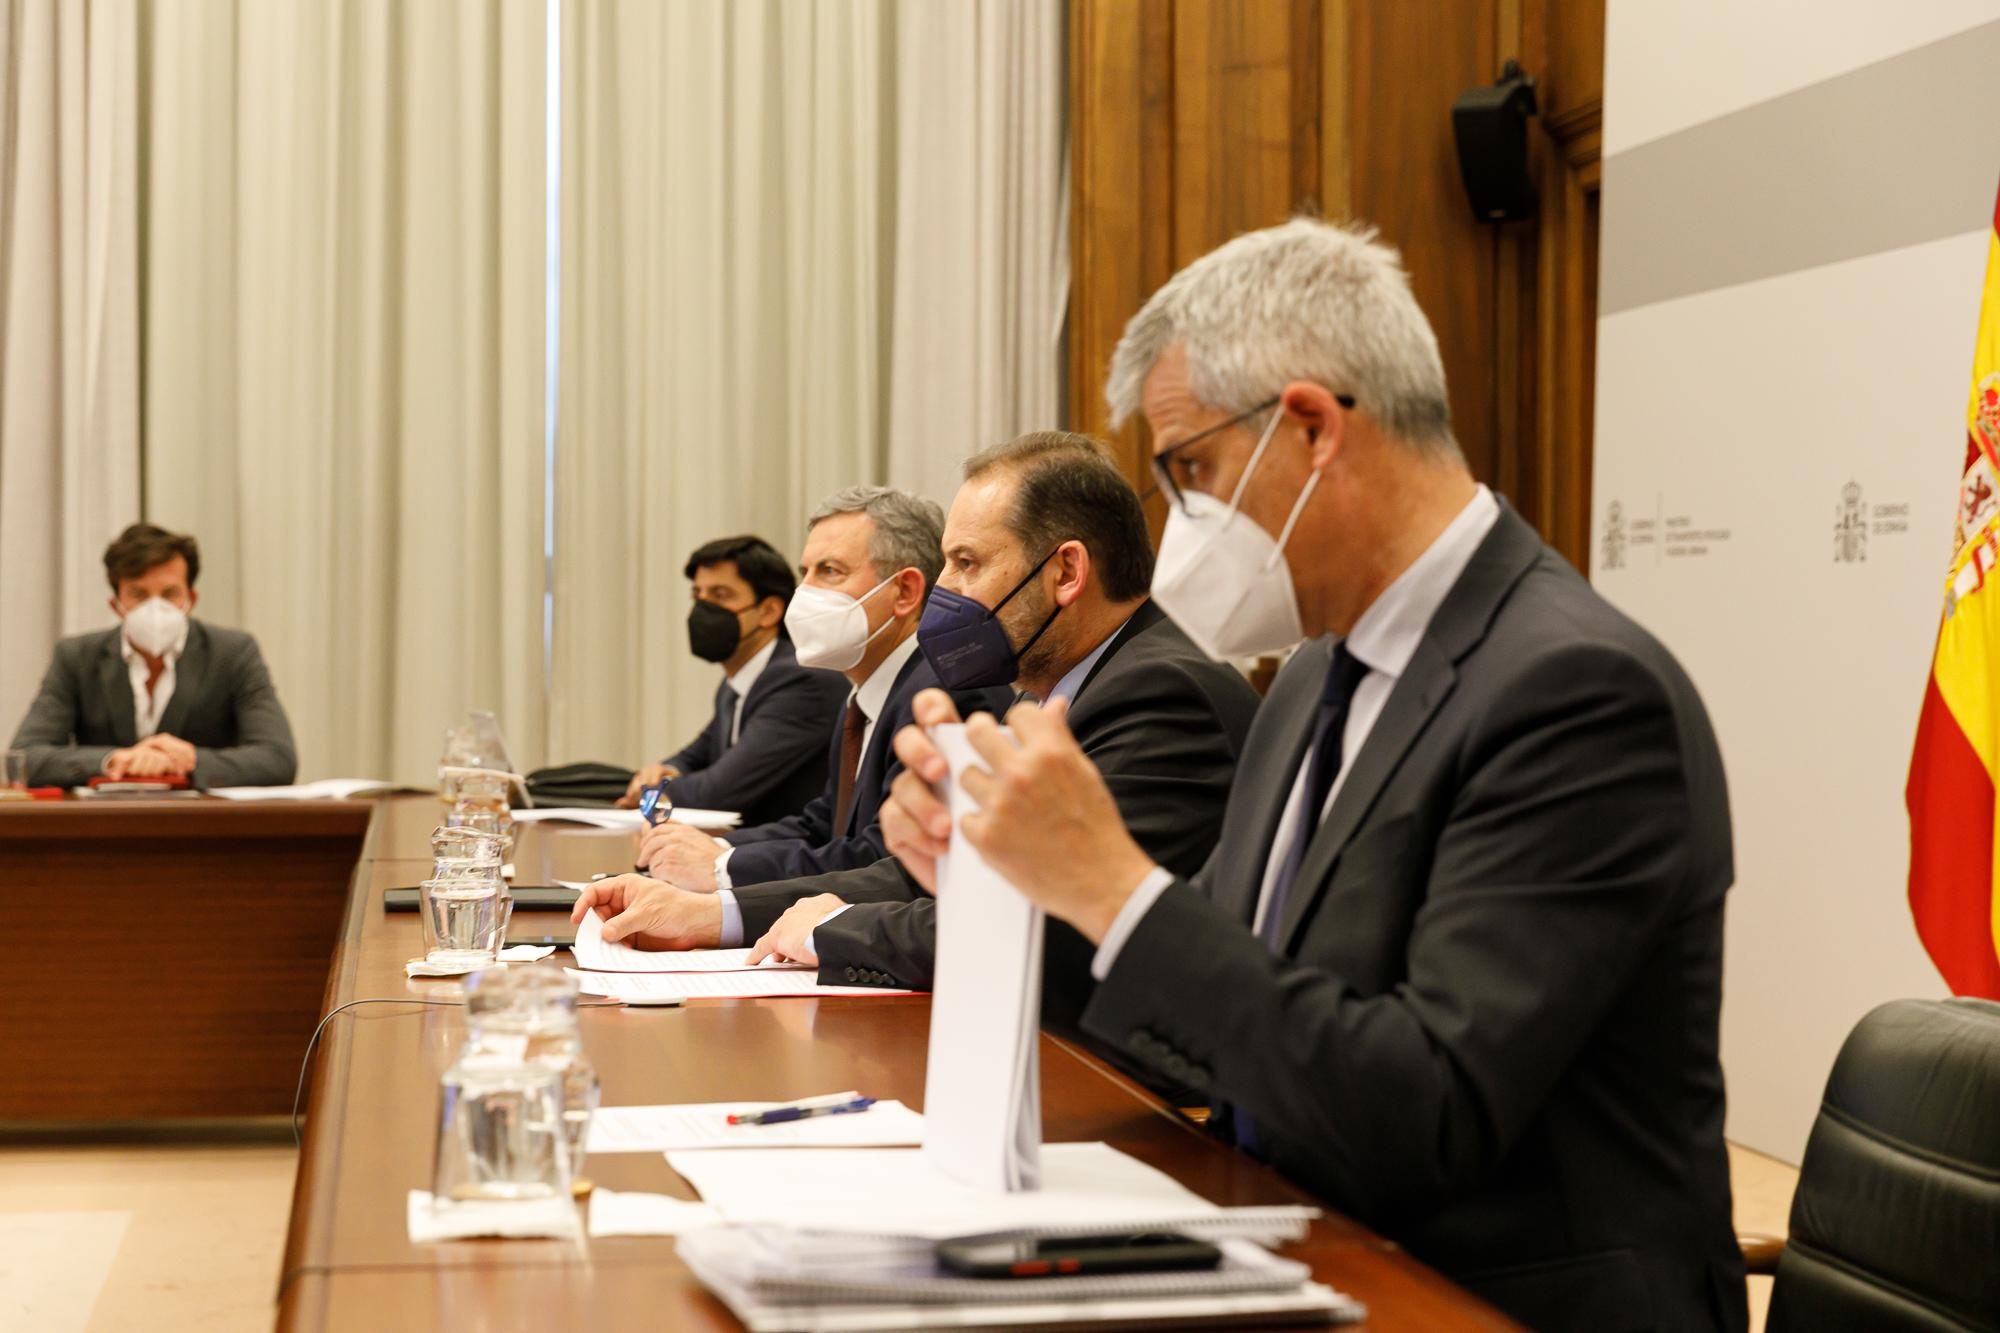 Conferencia Sectorial de Vivienda, Urbanismo y Suelo con el ministro Ábalos (2º por la dcha.) / Mitma